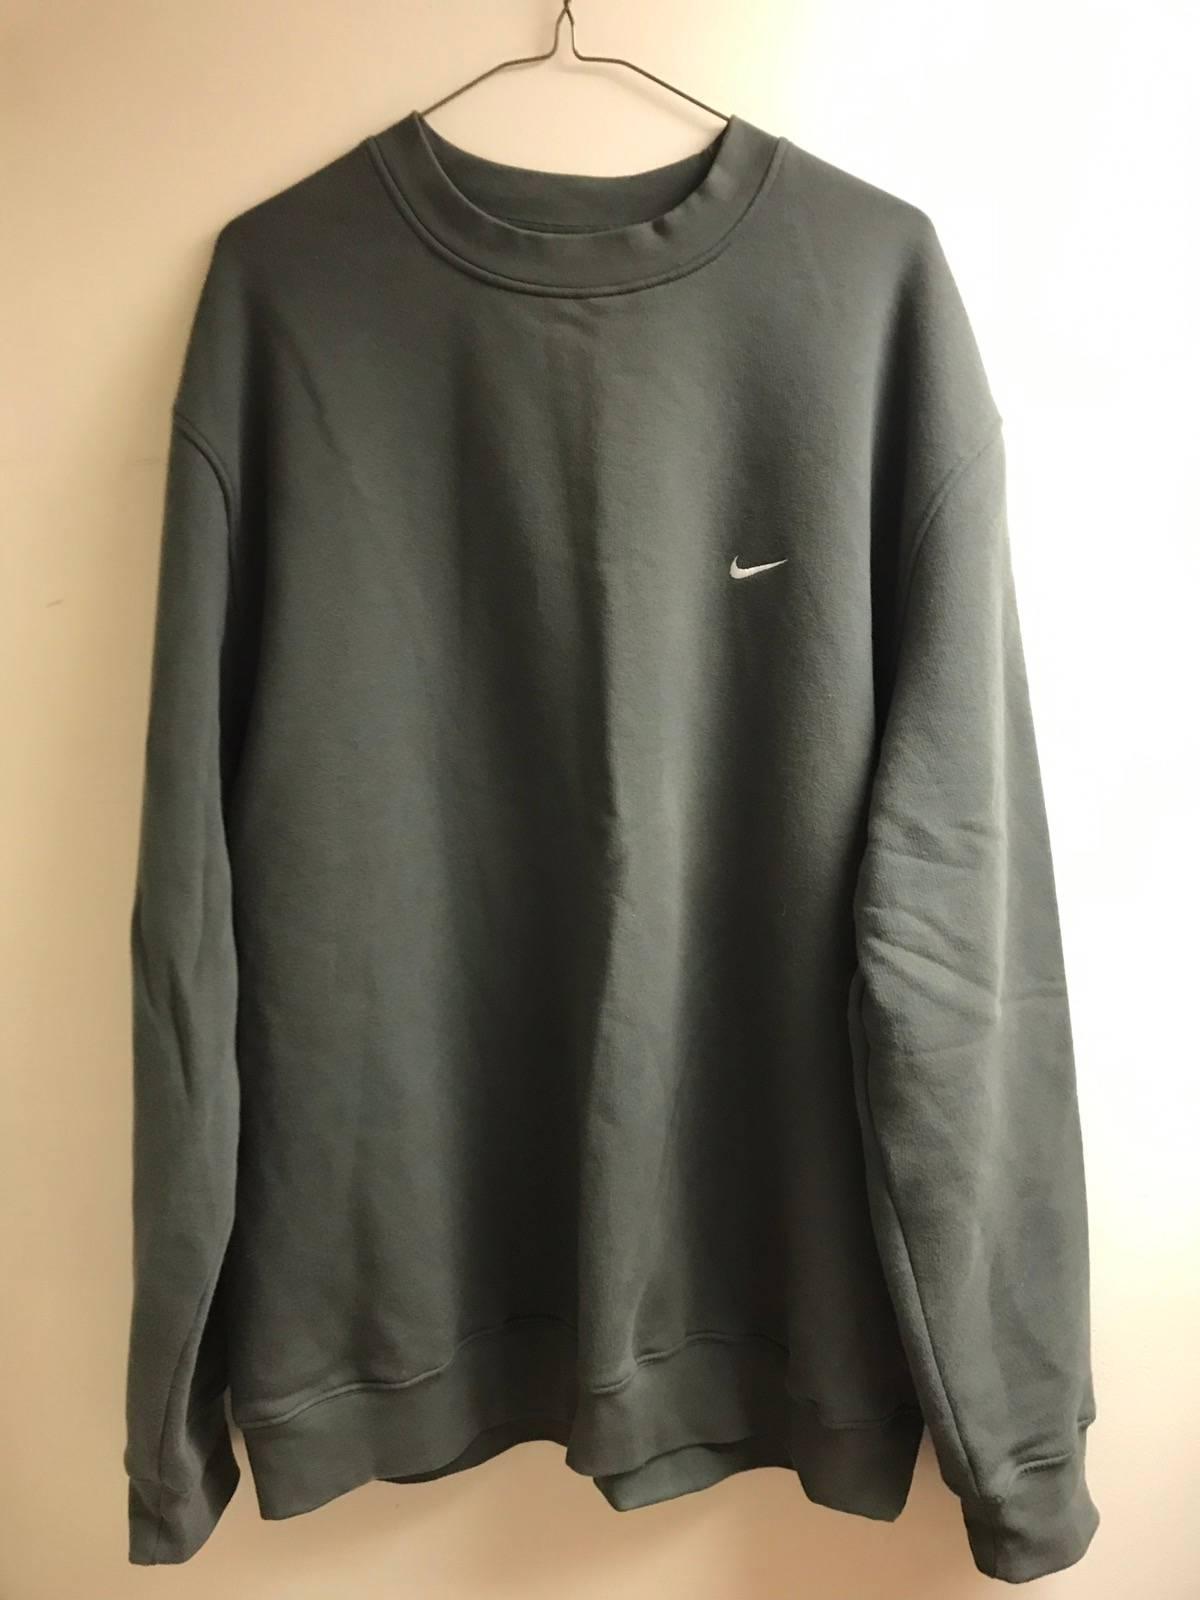 e16d4d7db19da1 Mens Olive Green Sweatshirt